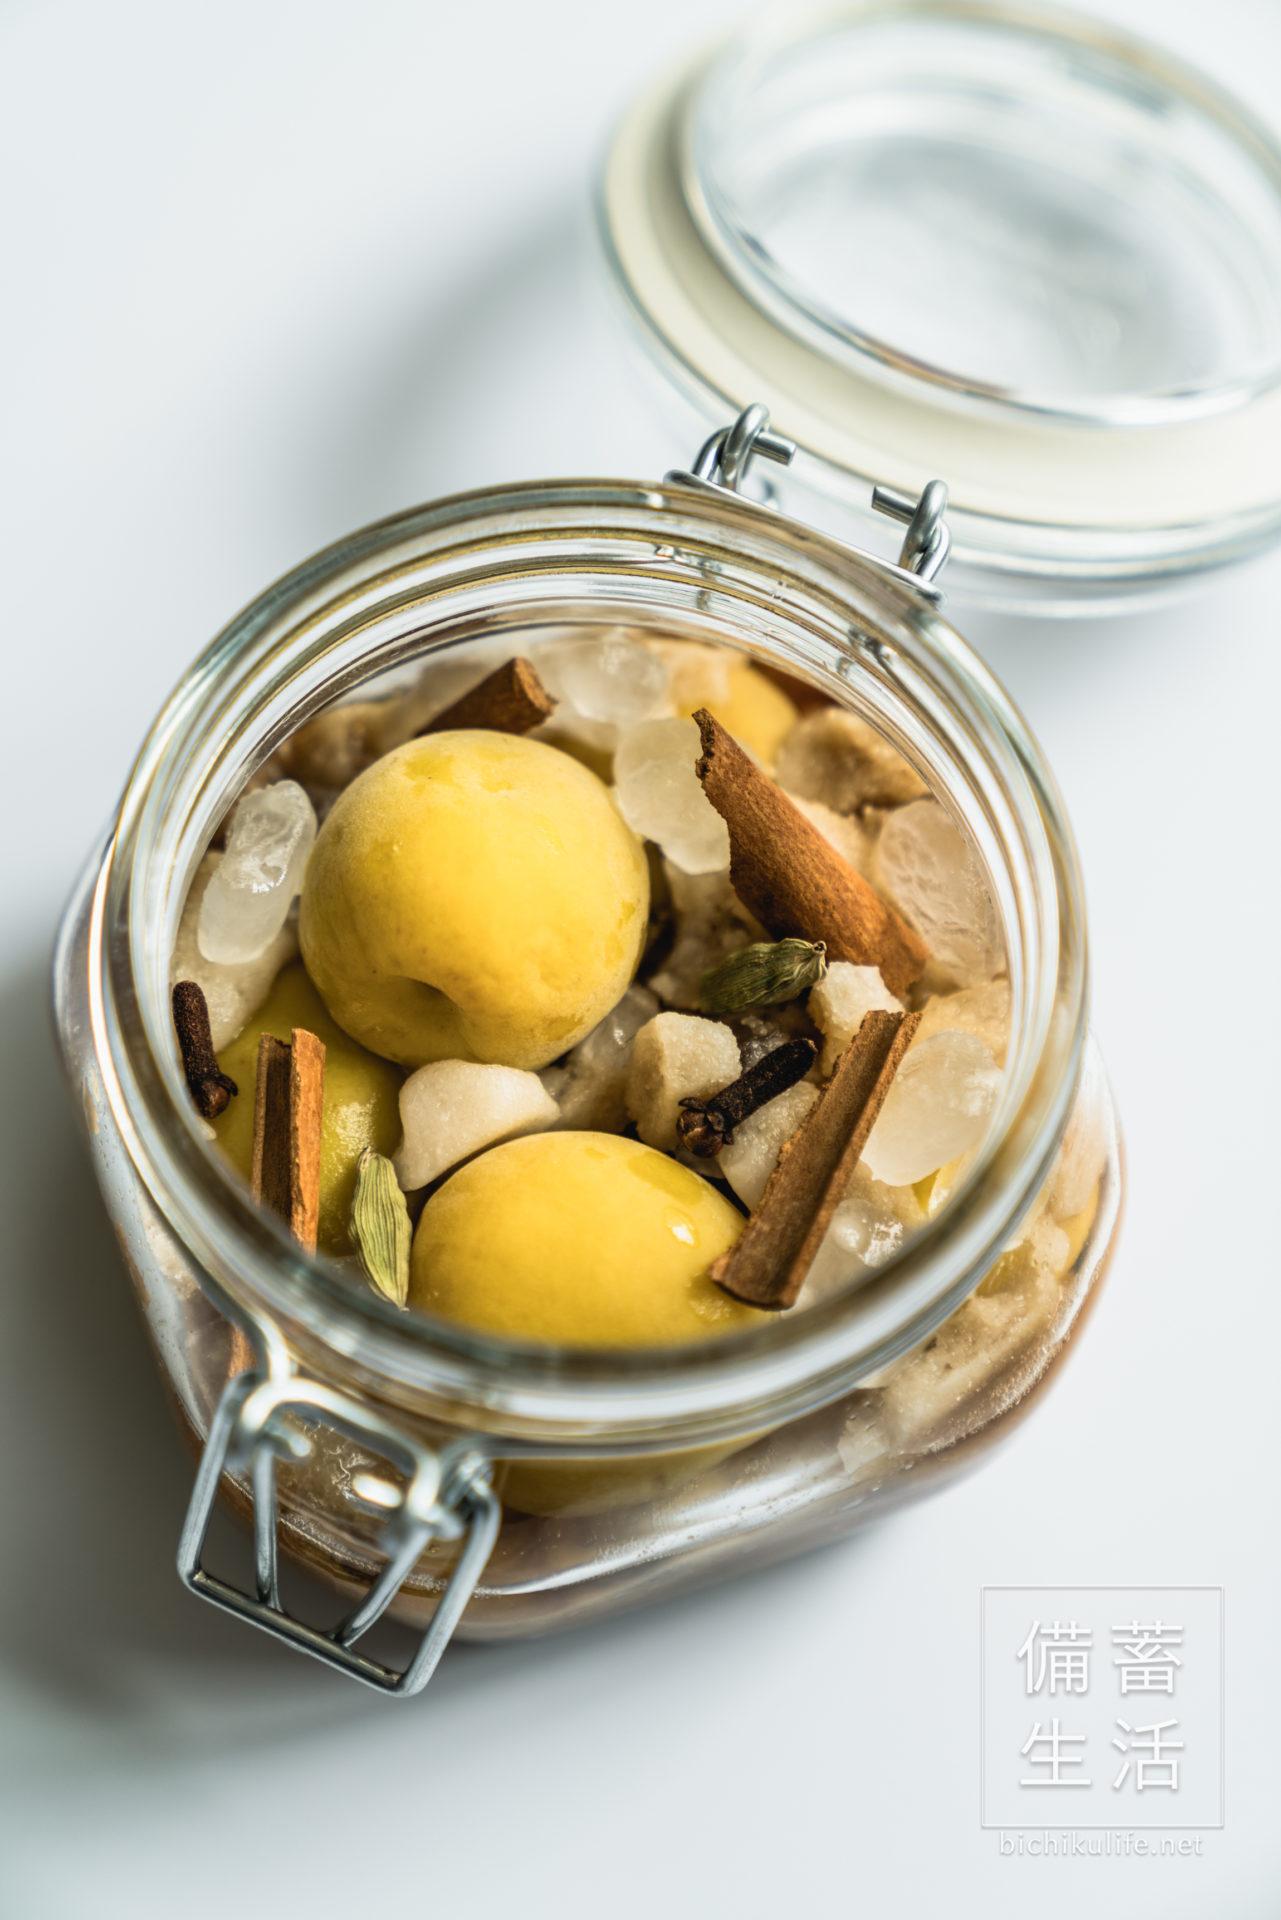 梅シロップ スパイス梅シロップのレシピ、保存瓶にスパイスを追加して漬け込む